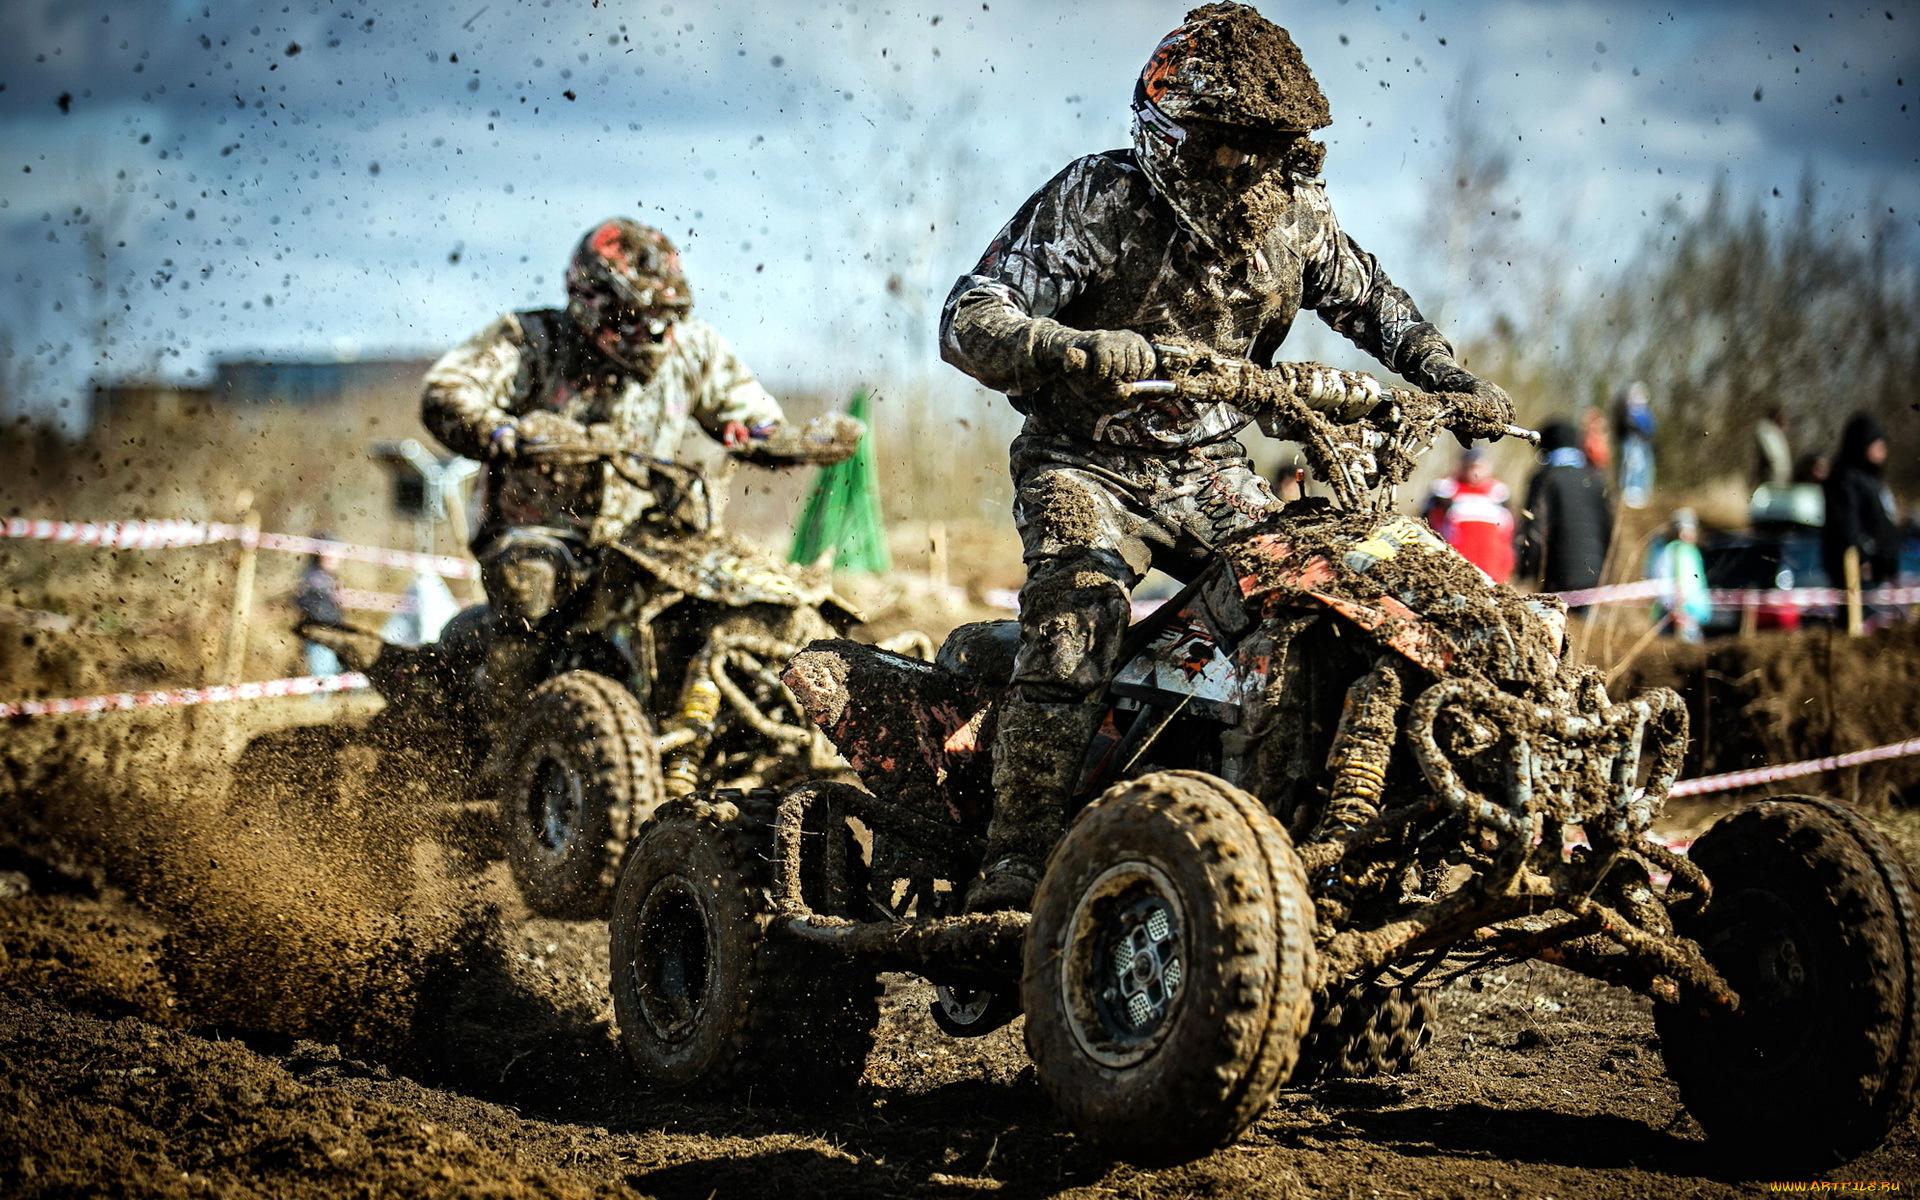 спорт квадрацикл sports the ATV скачать